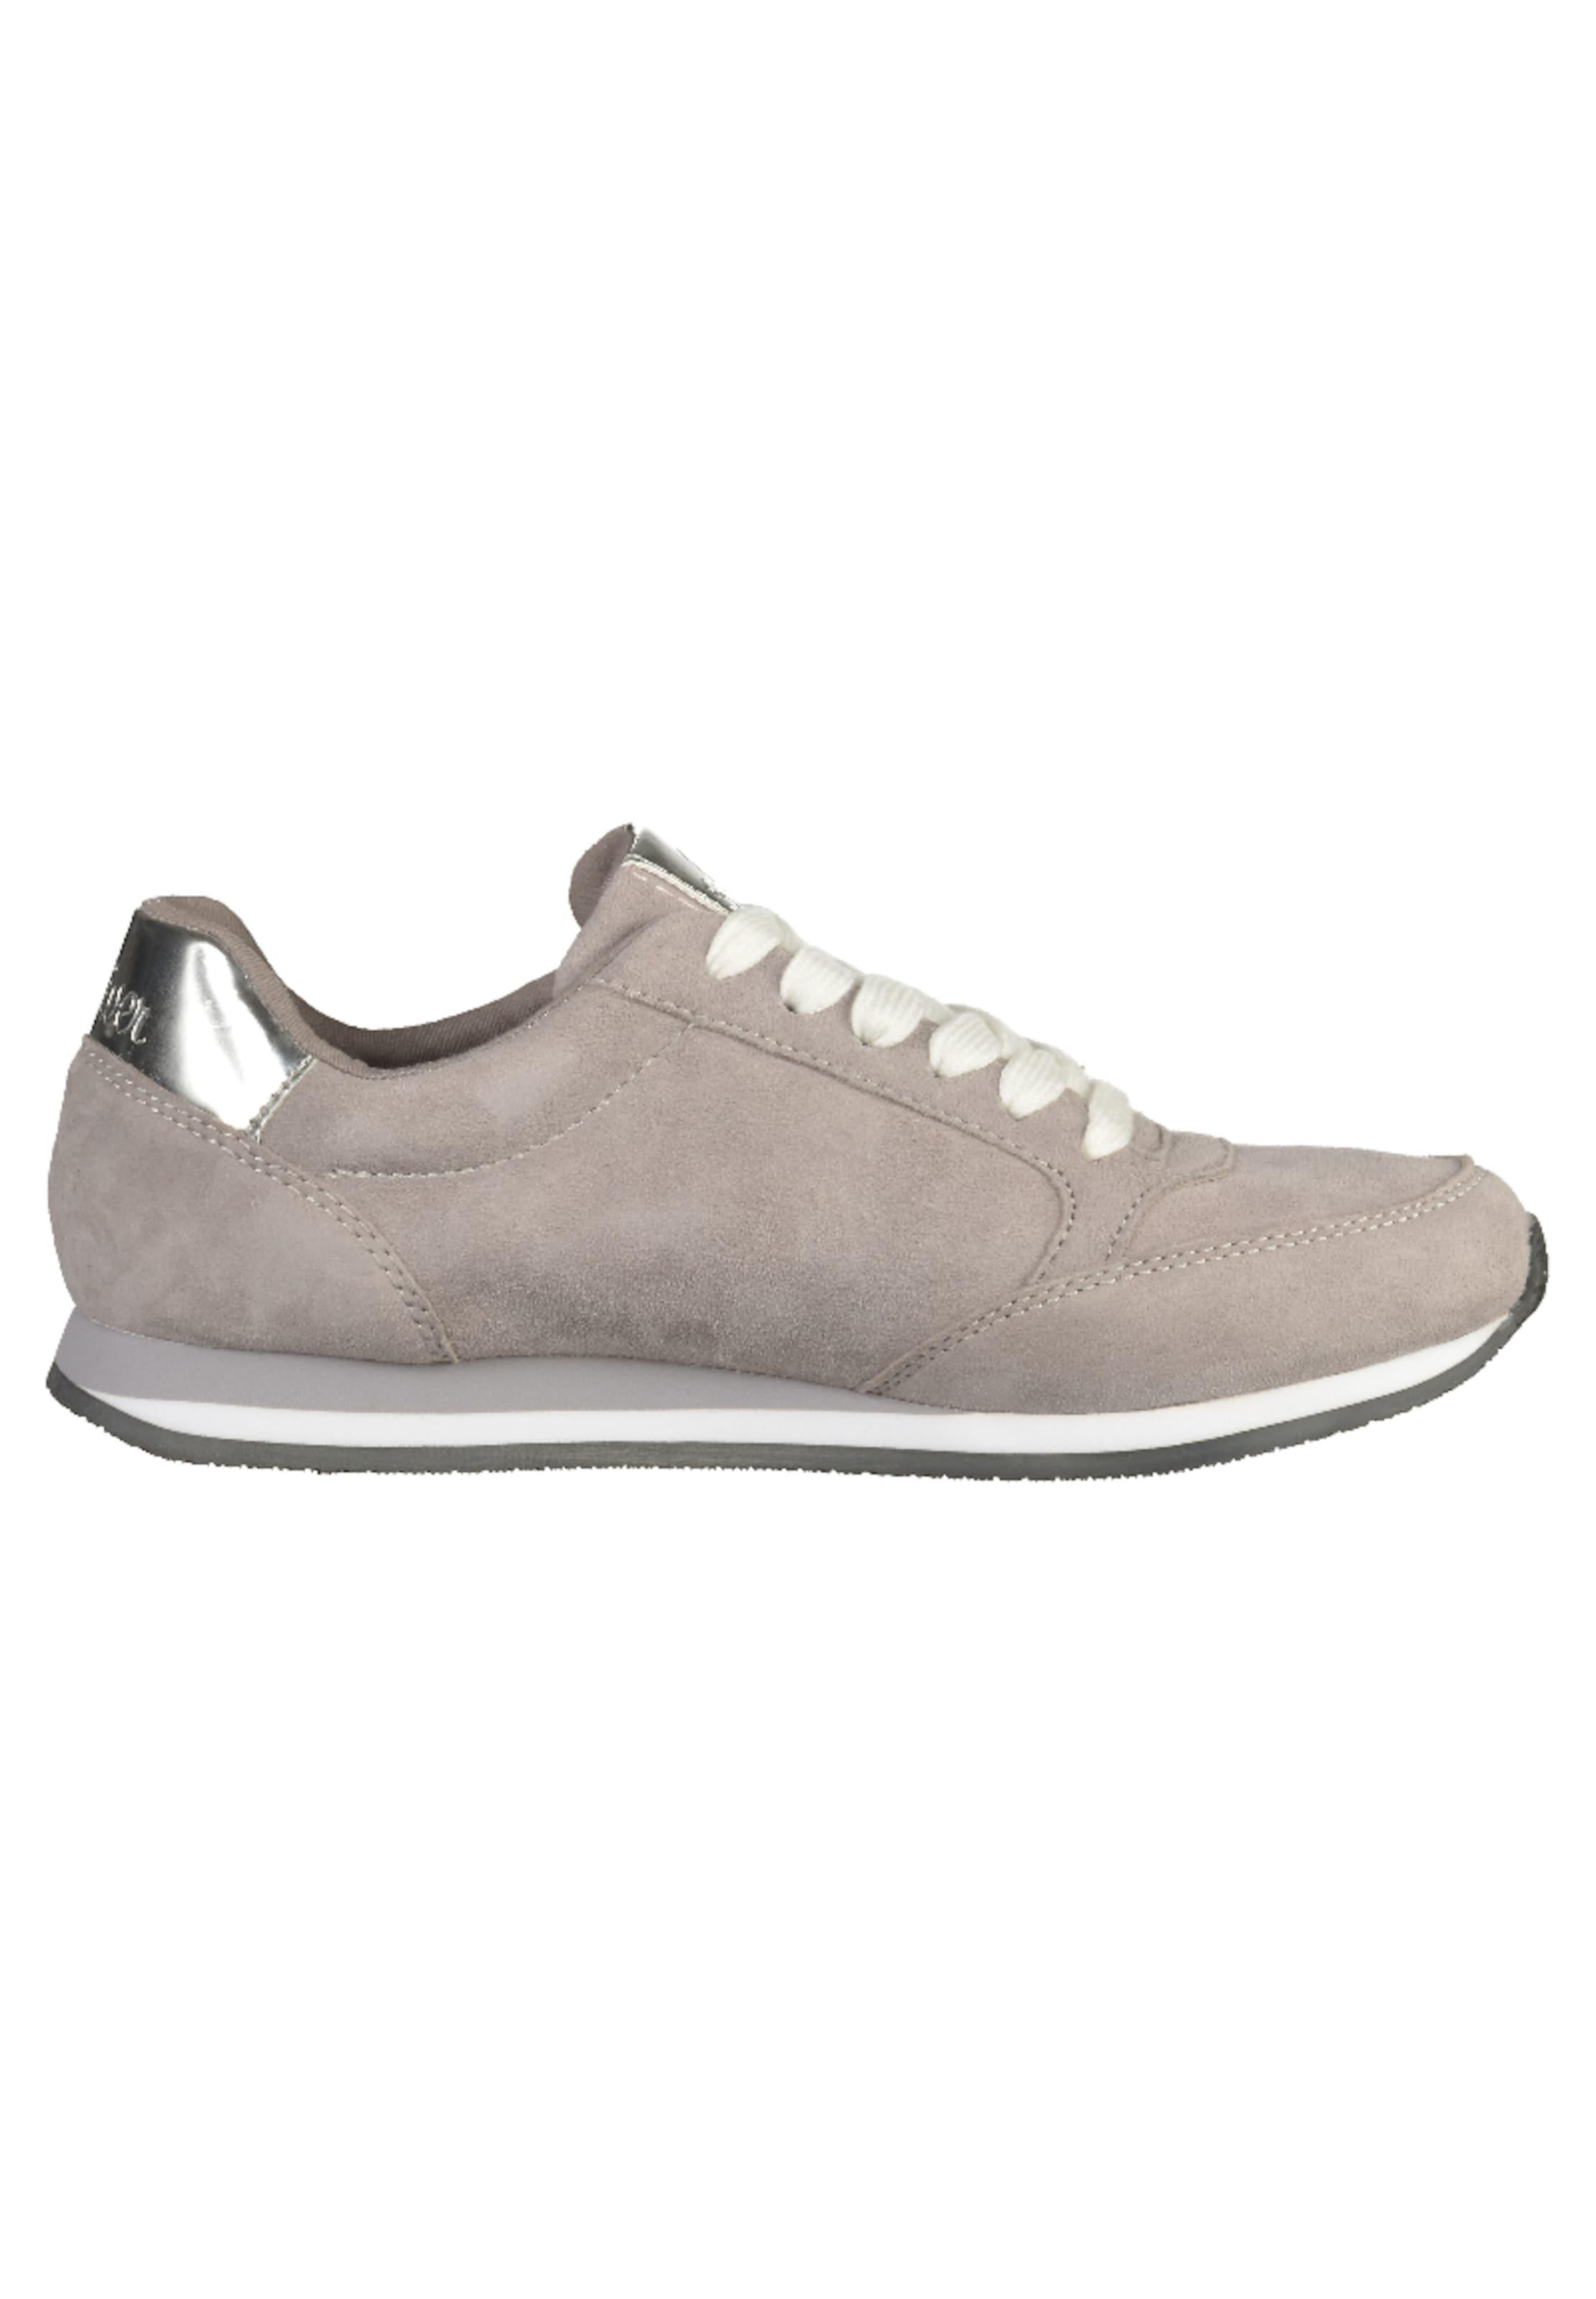 s.Oliver RED LABEL Sneaker Billig Freies Verschiffen Mit Kreditkarte Zu Verkaufen Zuverlässige Online Steckdose Exklusive nOIB5zB